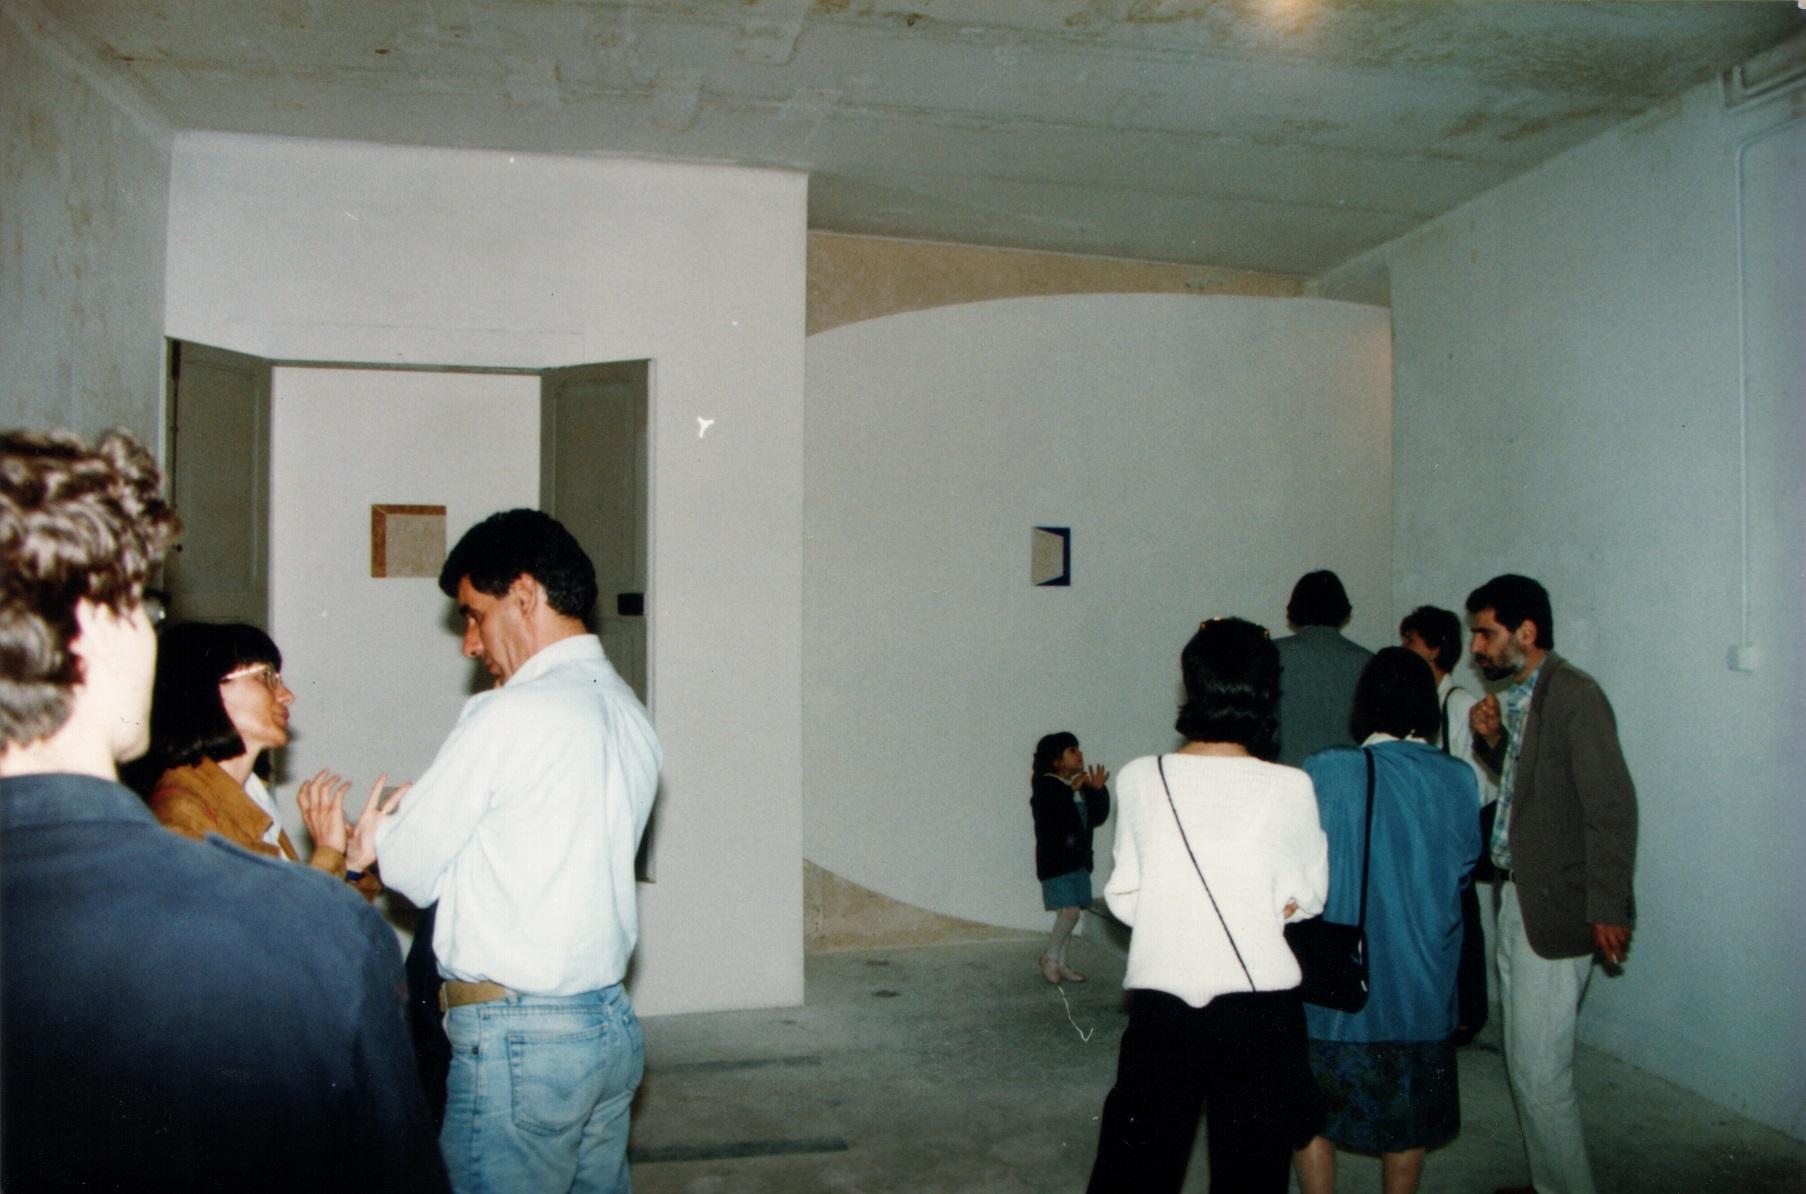 Immagini delle varie installazioni nelle sale del Muspac nell'ex monastero di S. Maria dei Raccomandati